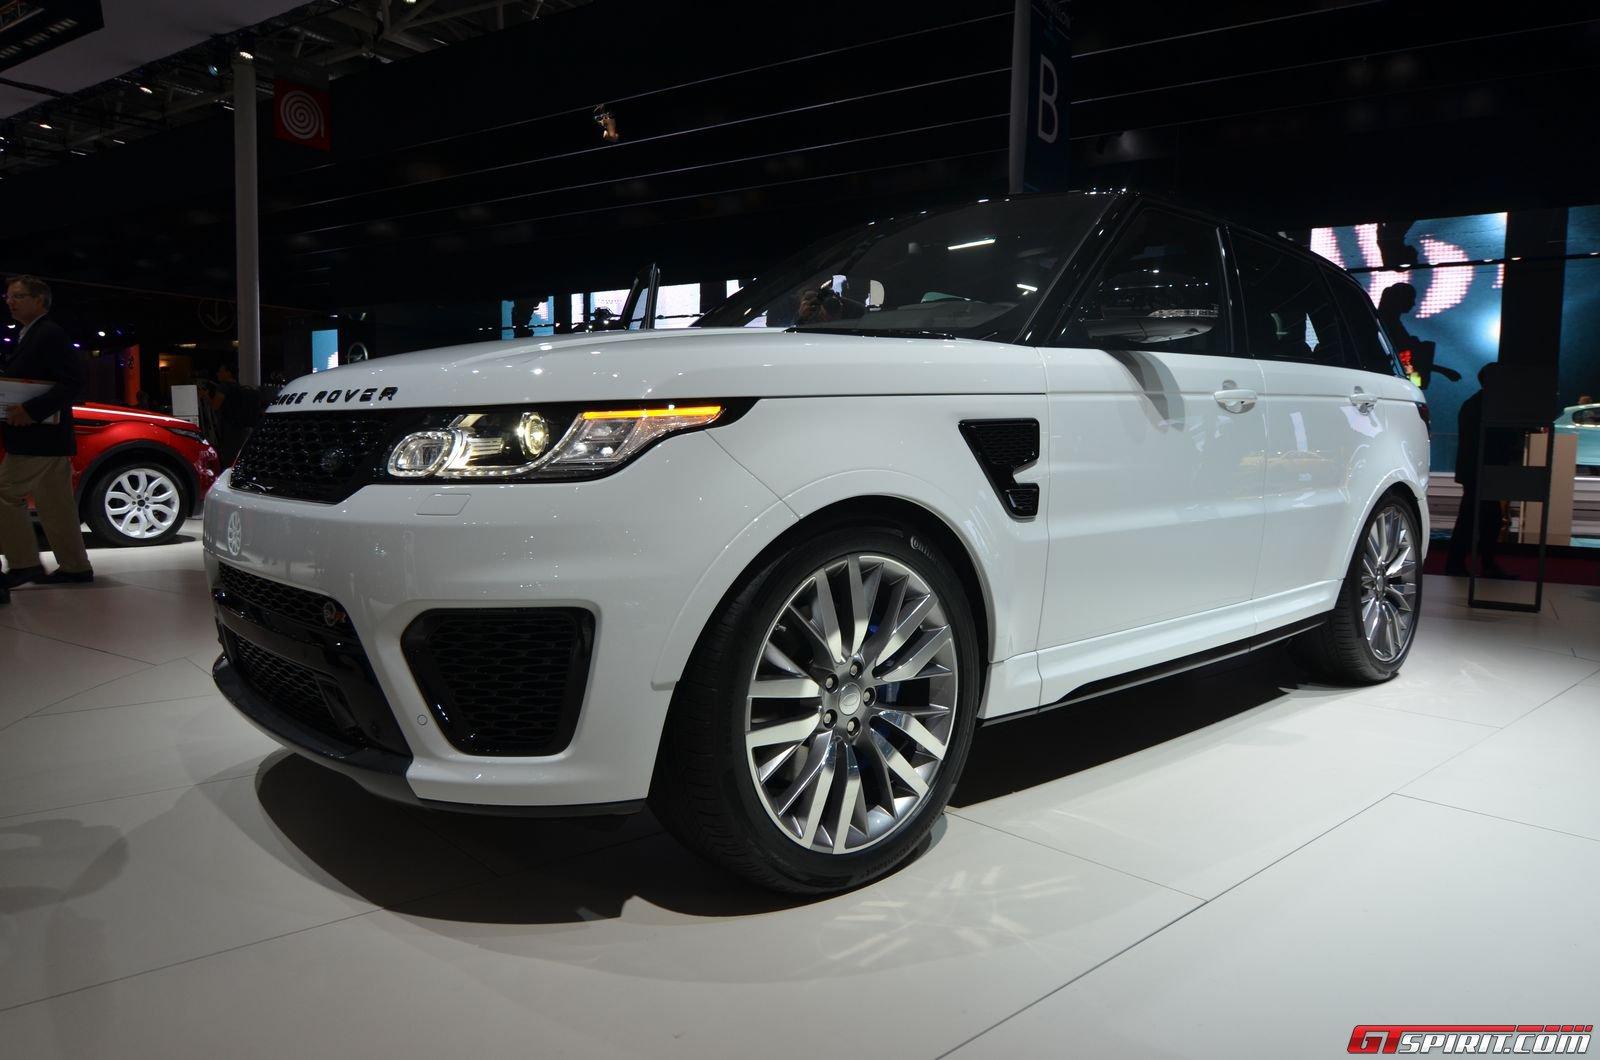 paris 2014 2015 range rover sport svr gtspirit. Black Bedroom Furniture Sets. Home Design Ideas